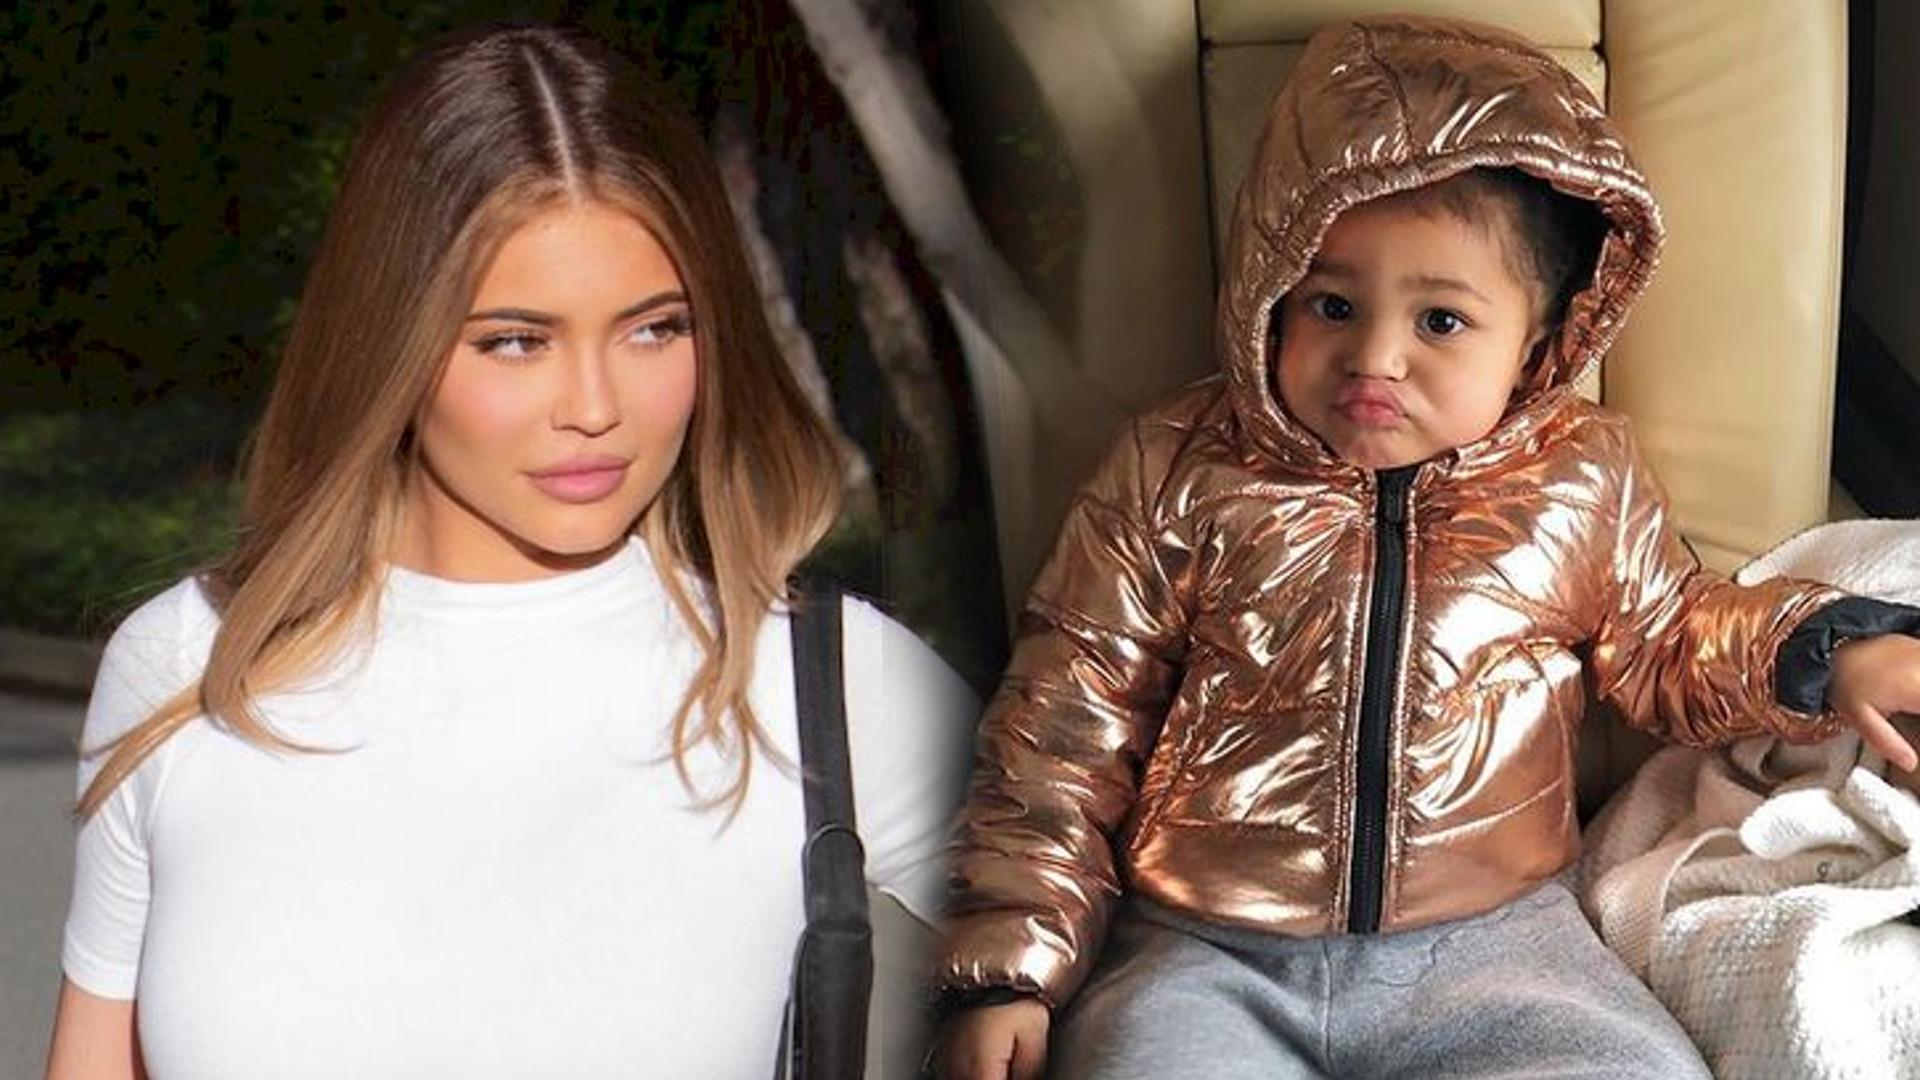 Kylie Jenner zrobiła swojej córce NOWĄ fryzurę – dziewczynka wygląda, jak modelka z wybiegu